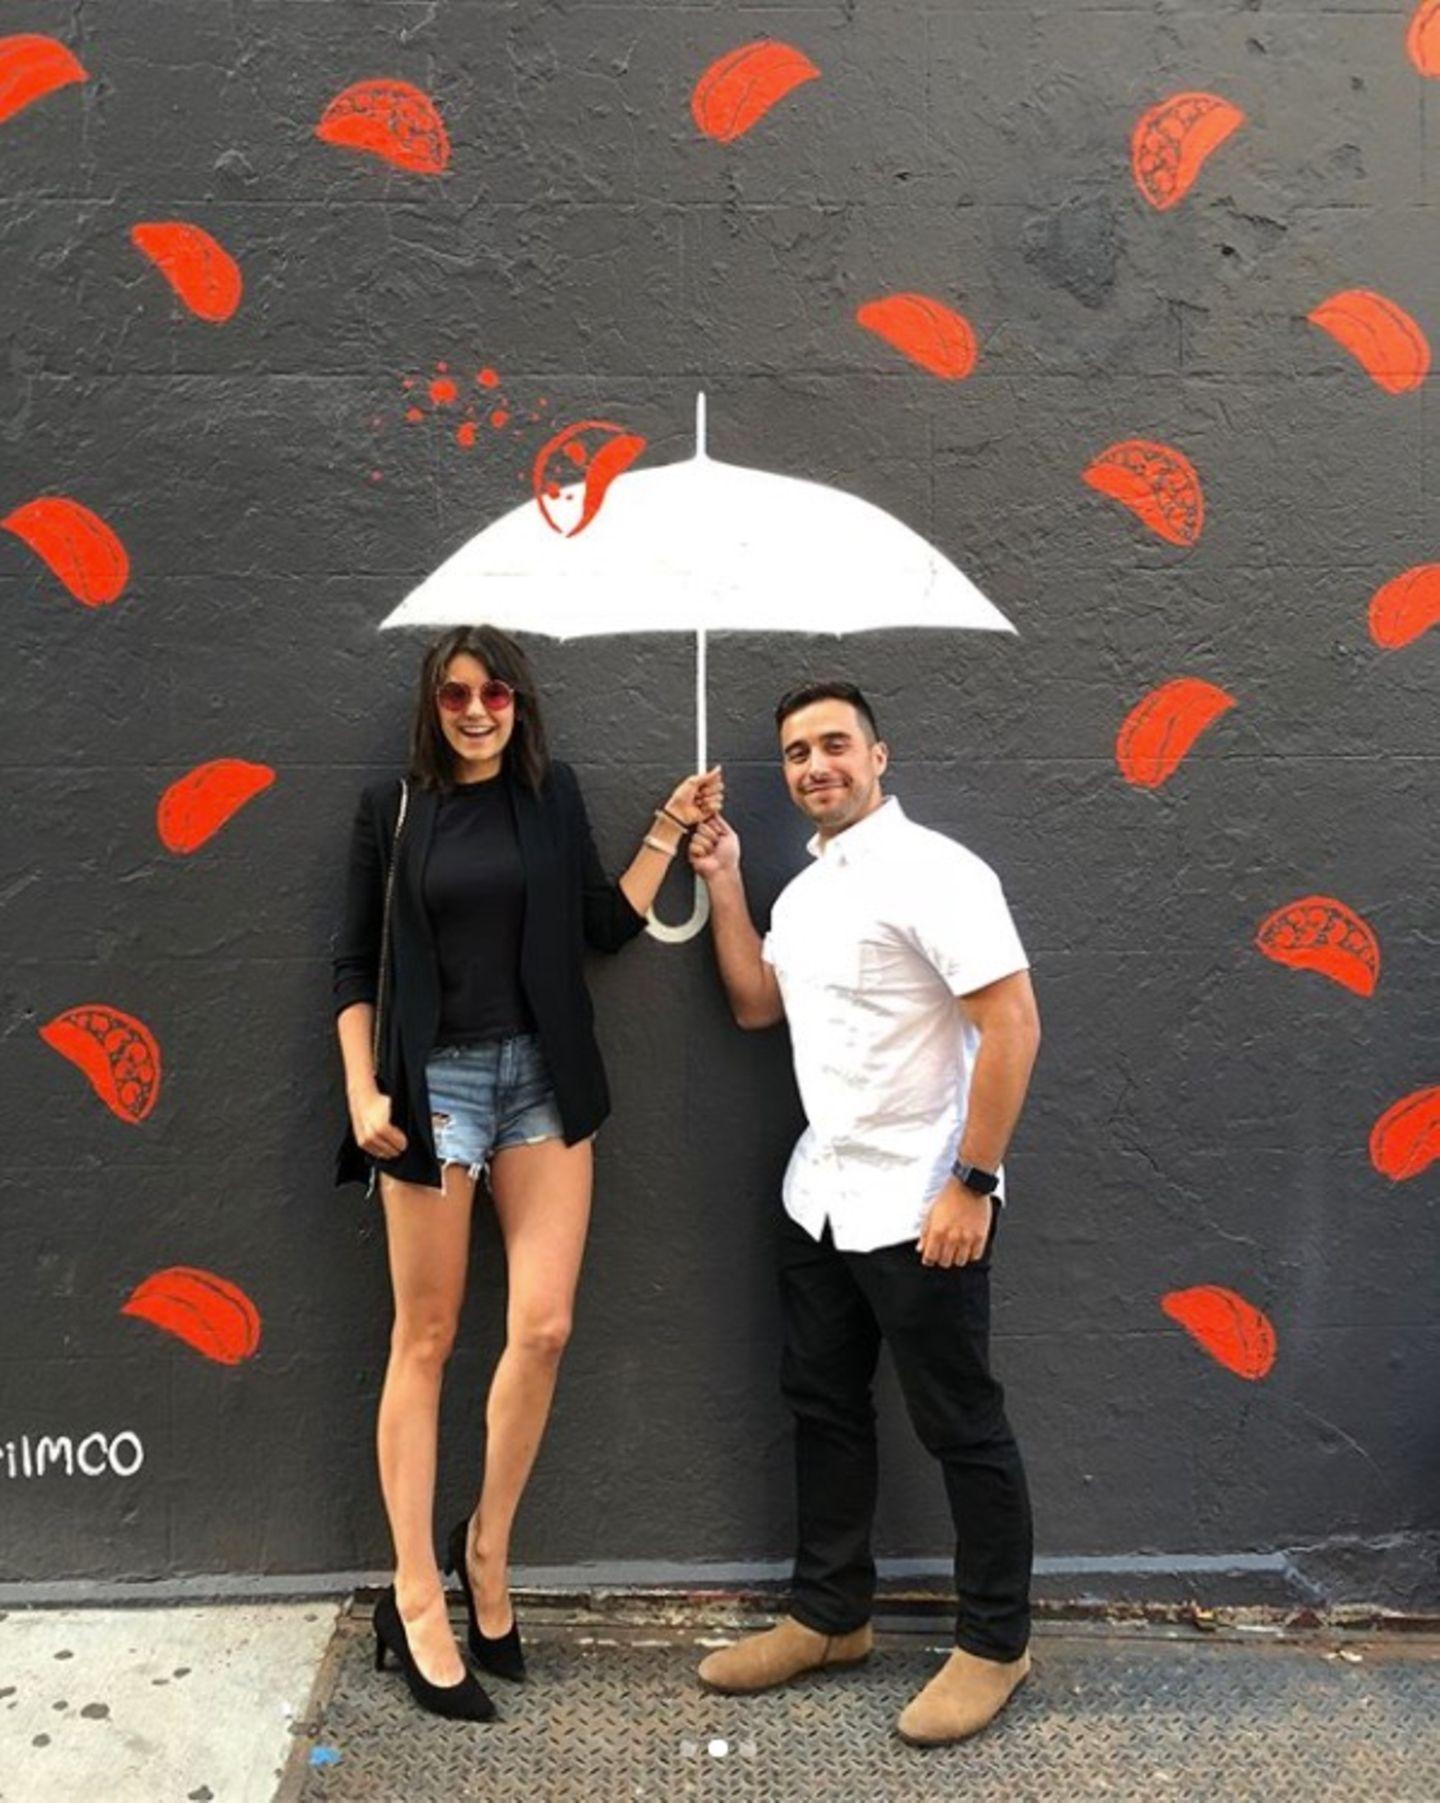 """""""Es regnet Tacos"""", postet Nina Dobrev scherzend. Erst bei genauerem Hinsehen wird klar, dass der Schirm und die Tacos auf die Wand imHintergrund gemalt sind."""